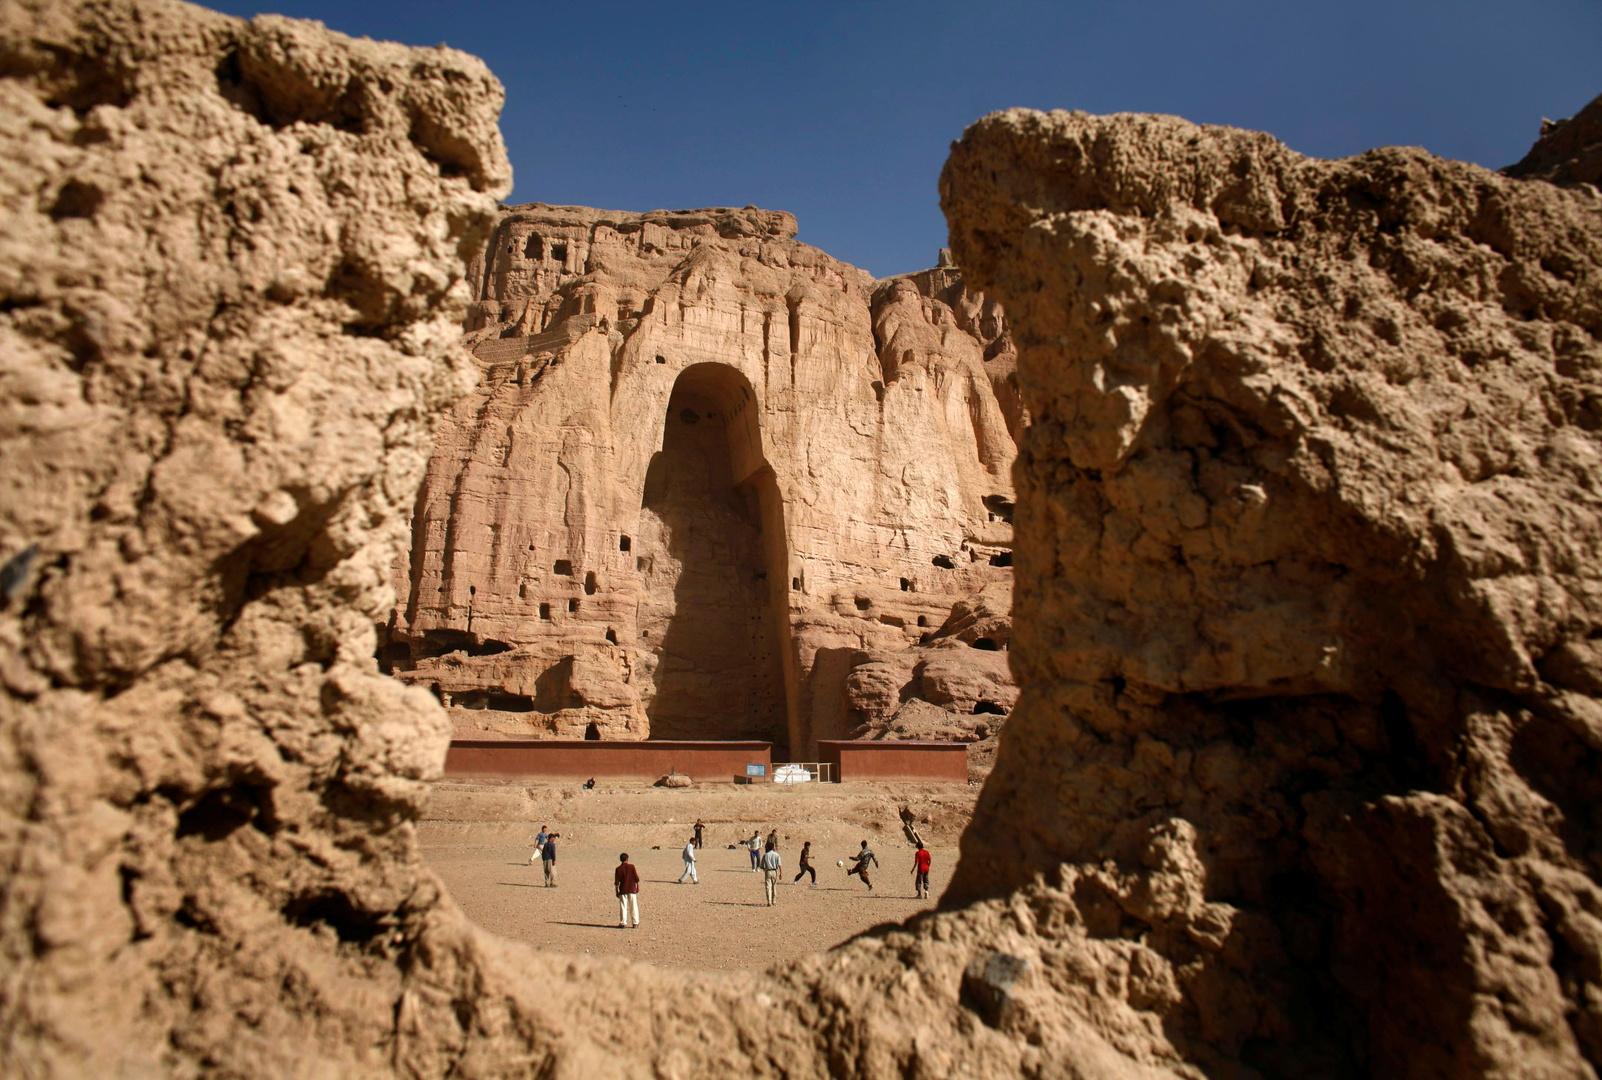 منفذ فارغ في جبال باميان بأفغانستان كان فيه سابقا تمثال عملاق لبوذا قبل أن دمرته